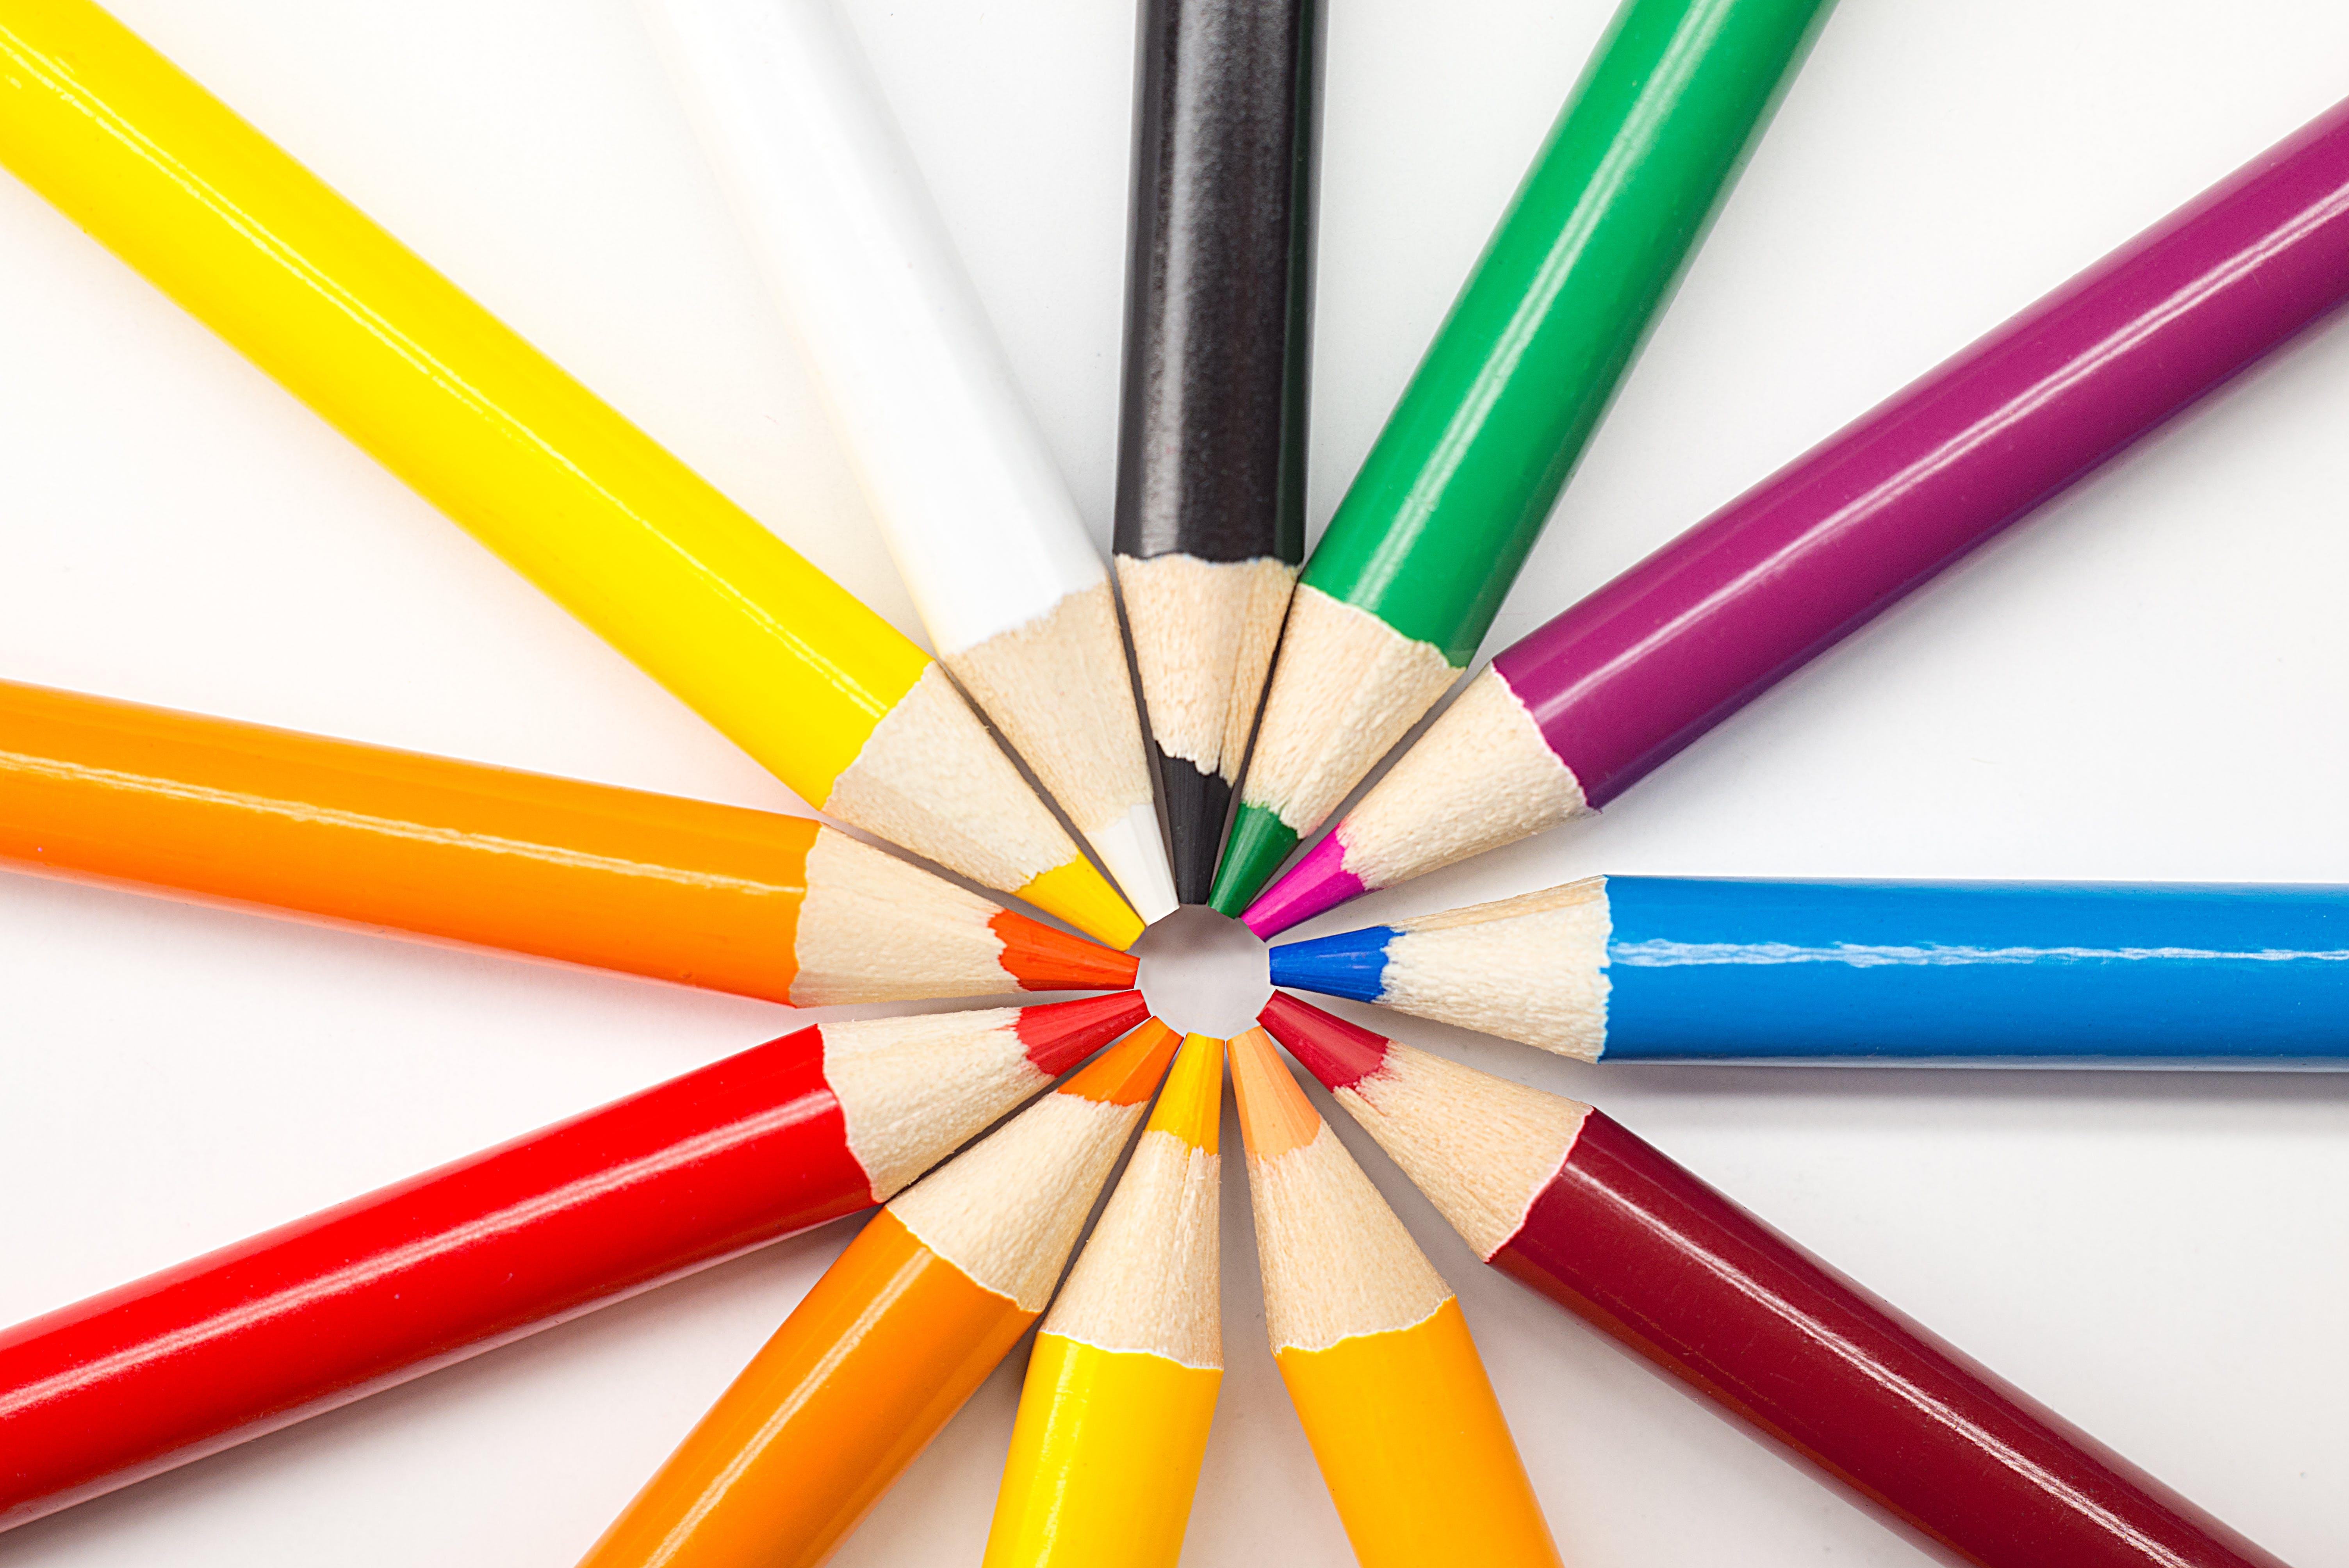 Gratis arkivbilde med blyanter, fargeblyant, fargede blyanter, farger